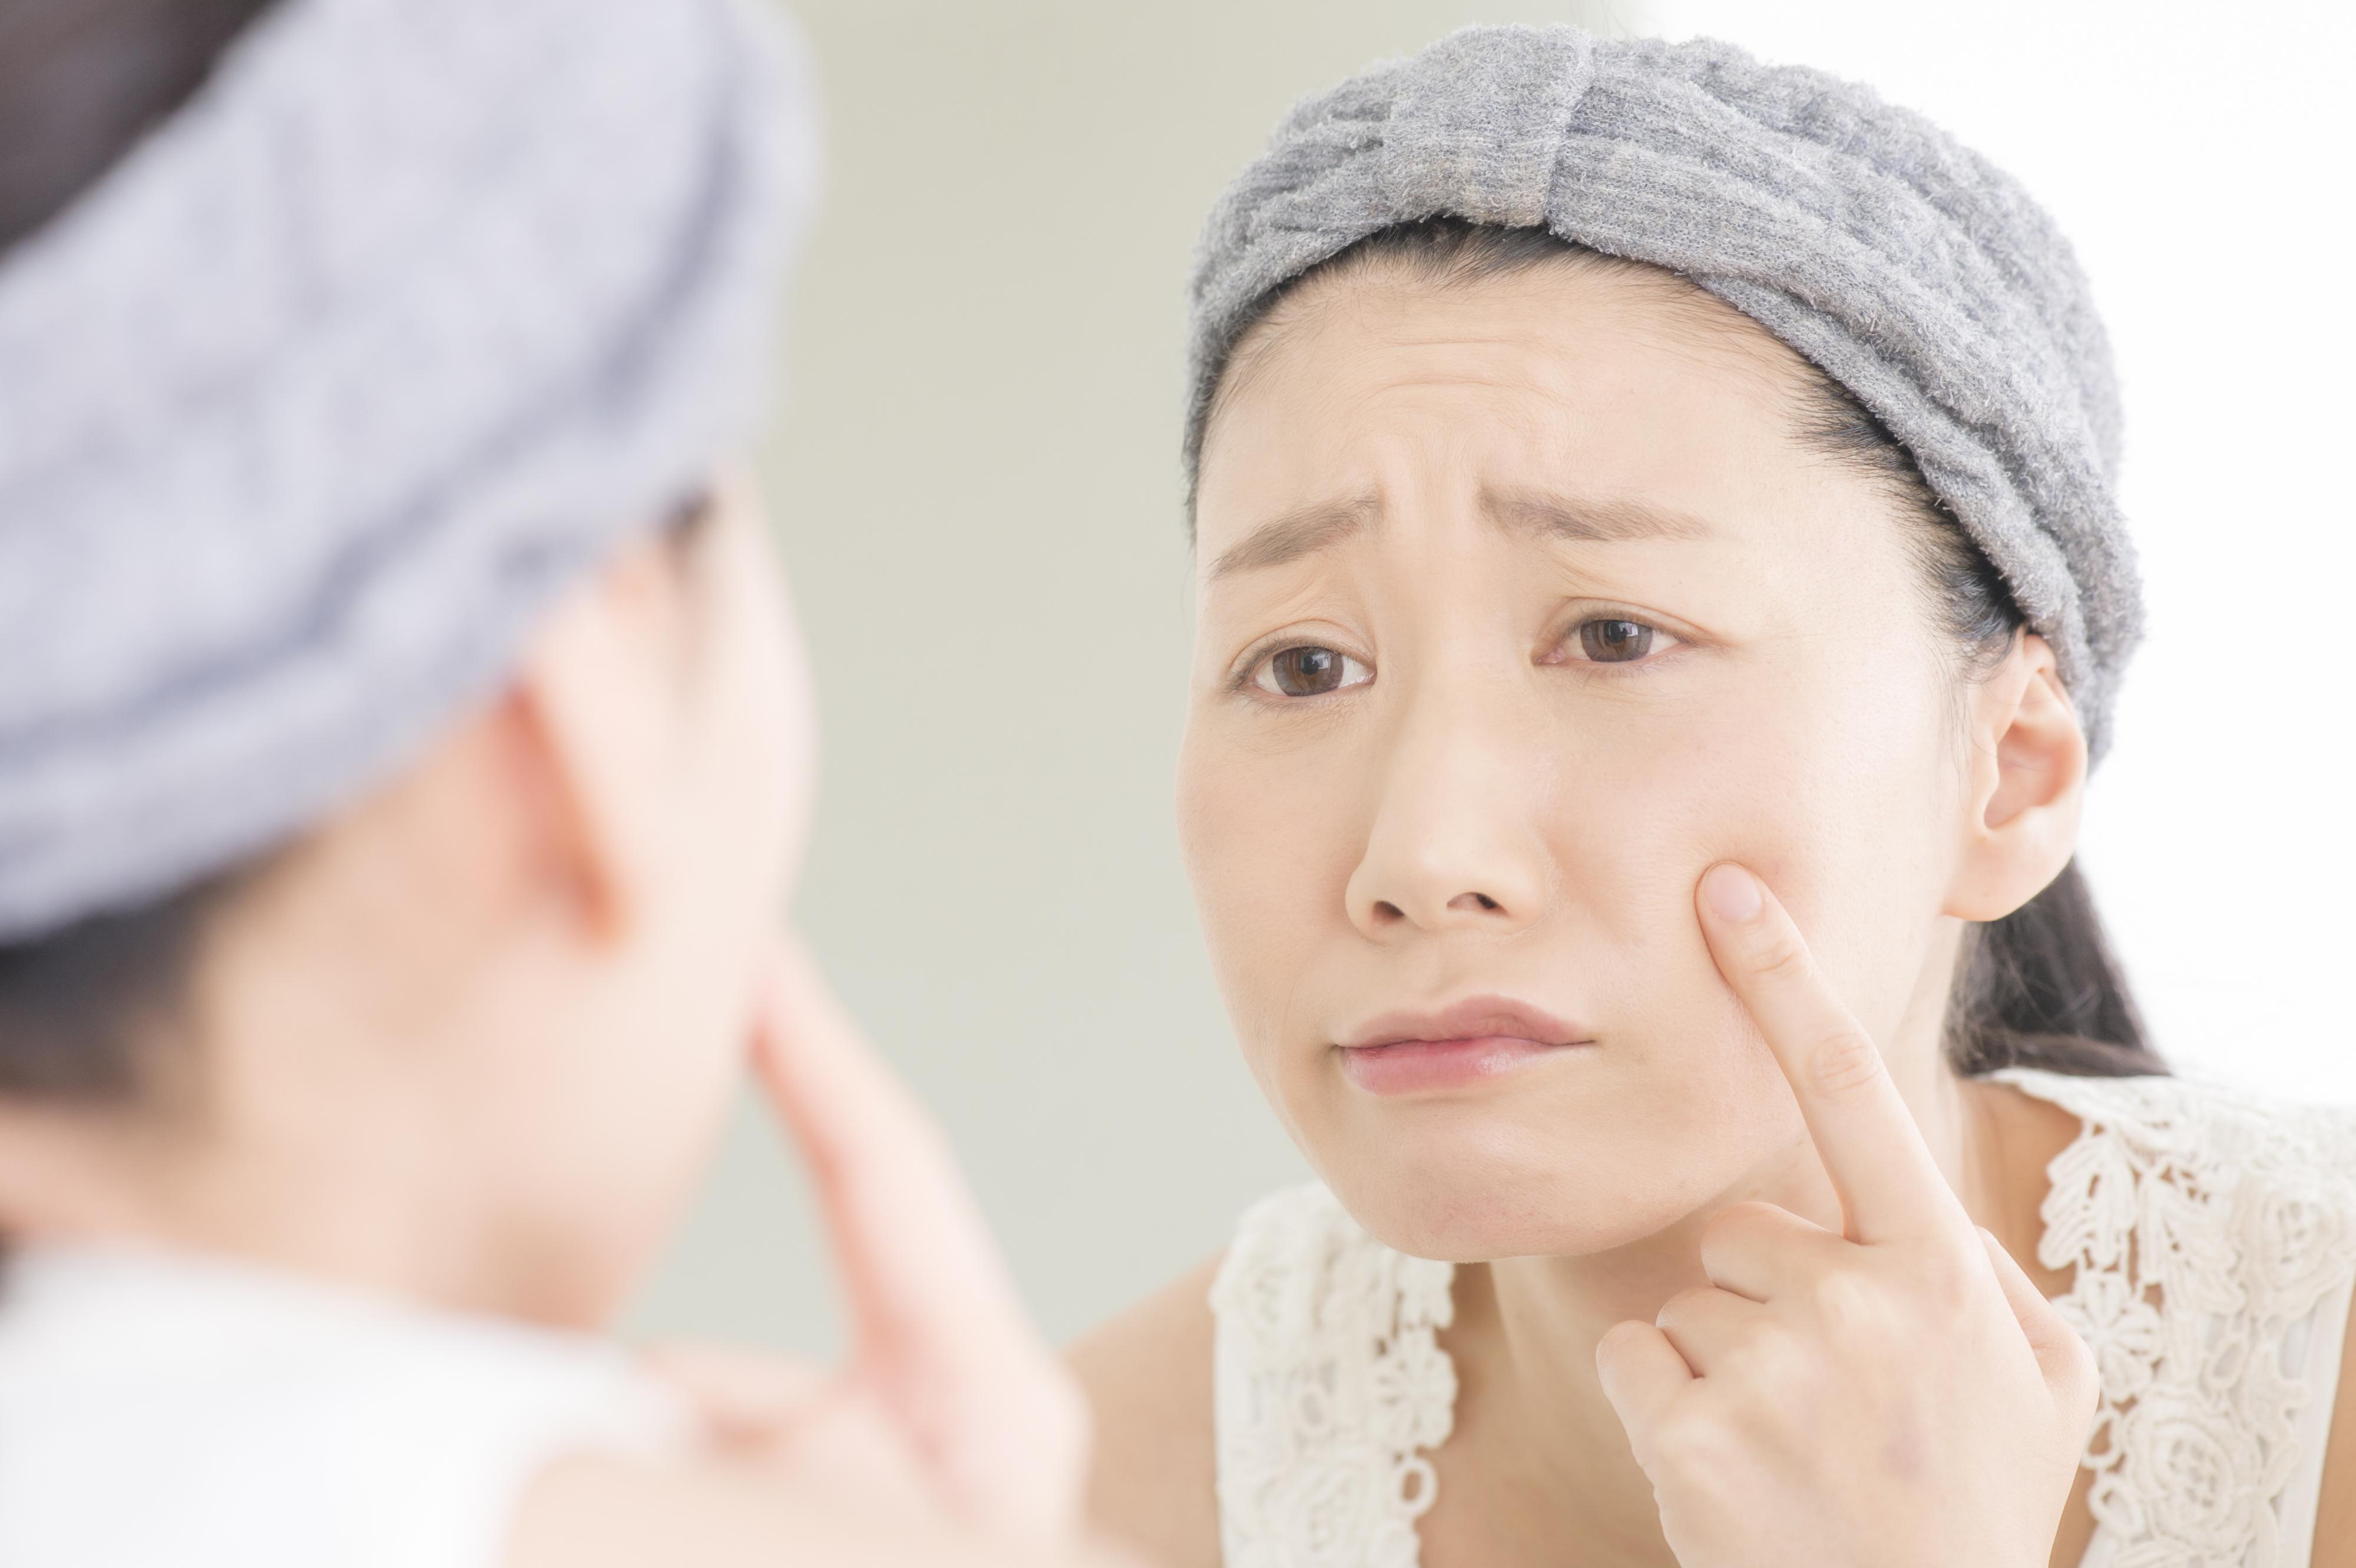 目の下のたるみ、原因と予防